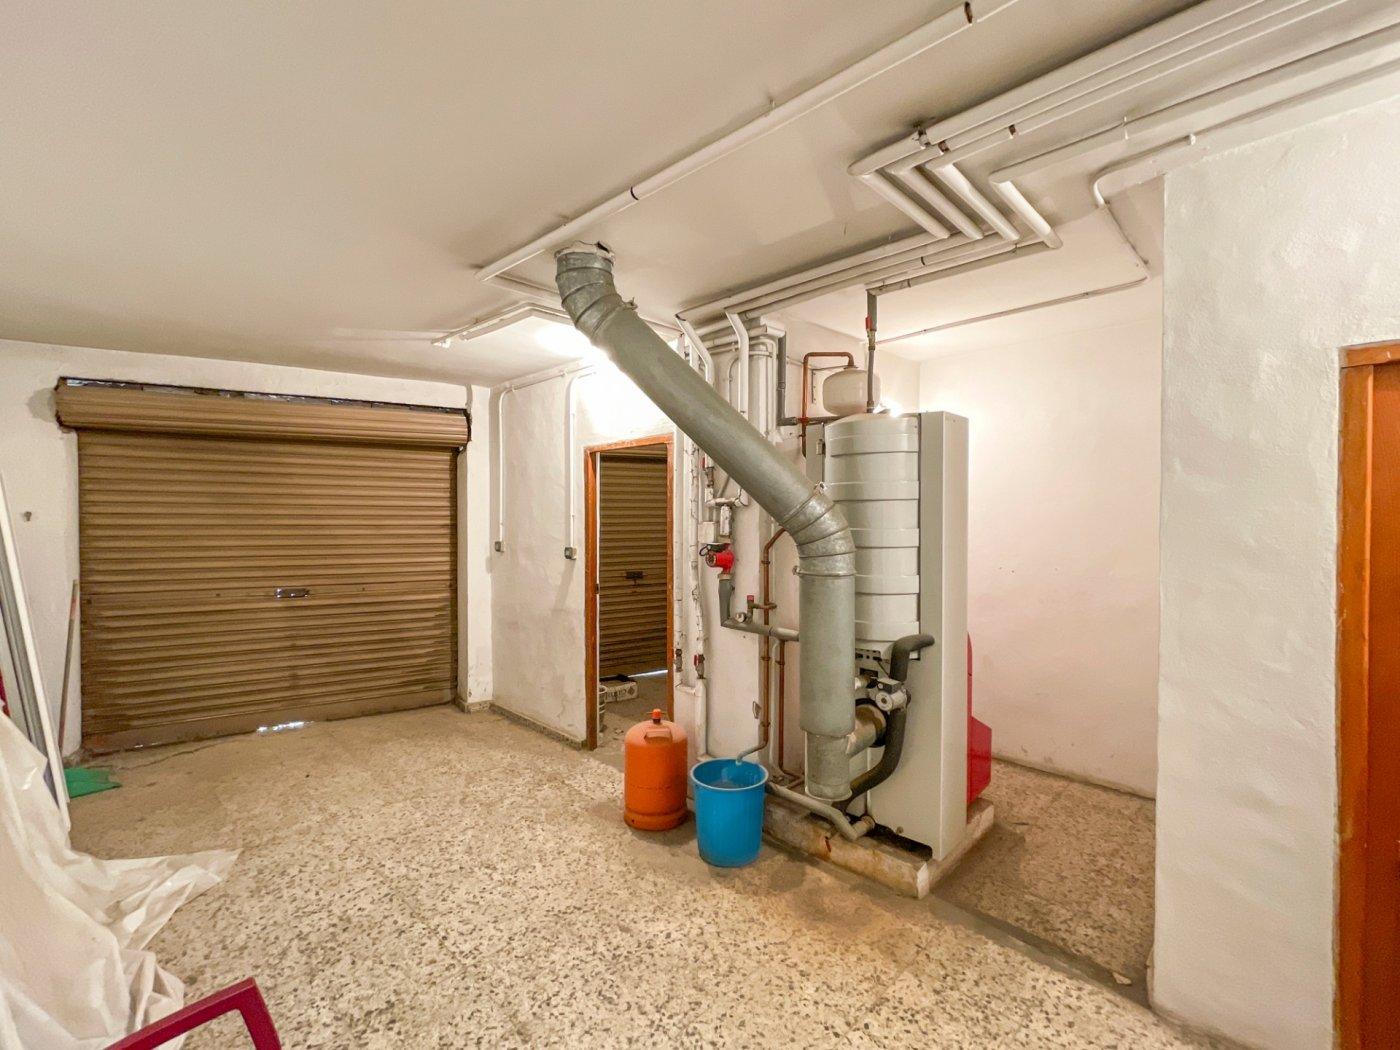 Magnifica casa con garaje en centro de onil - imagenInmueble8